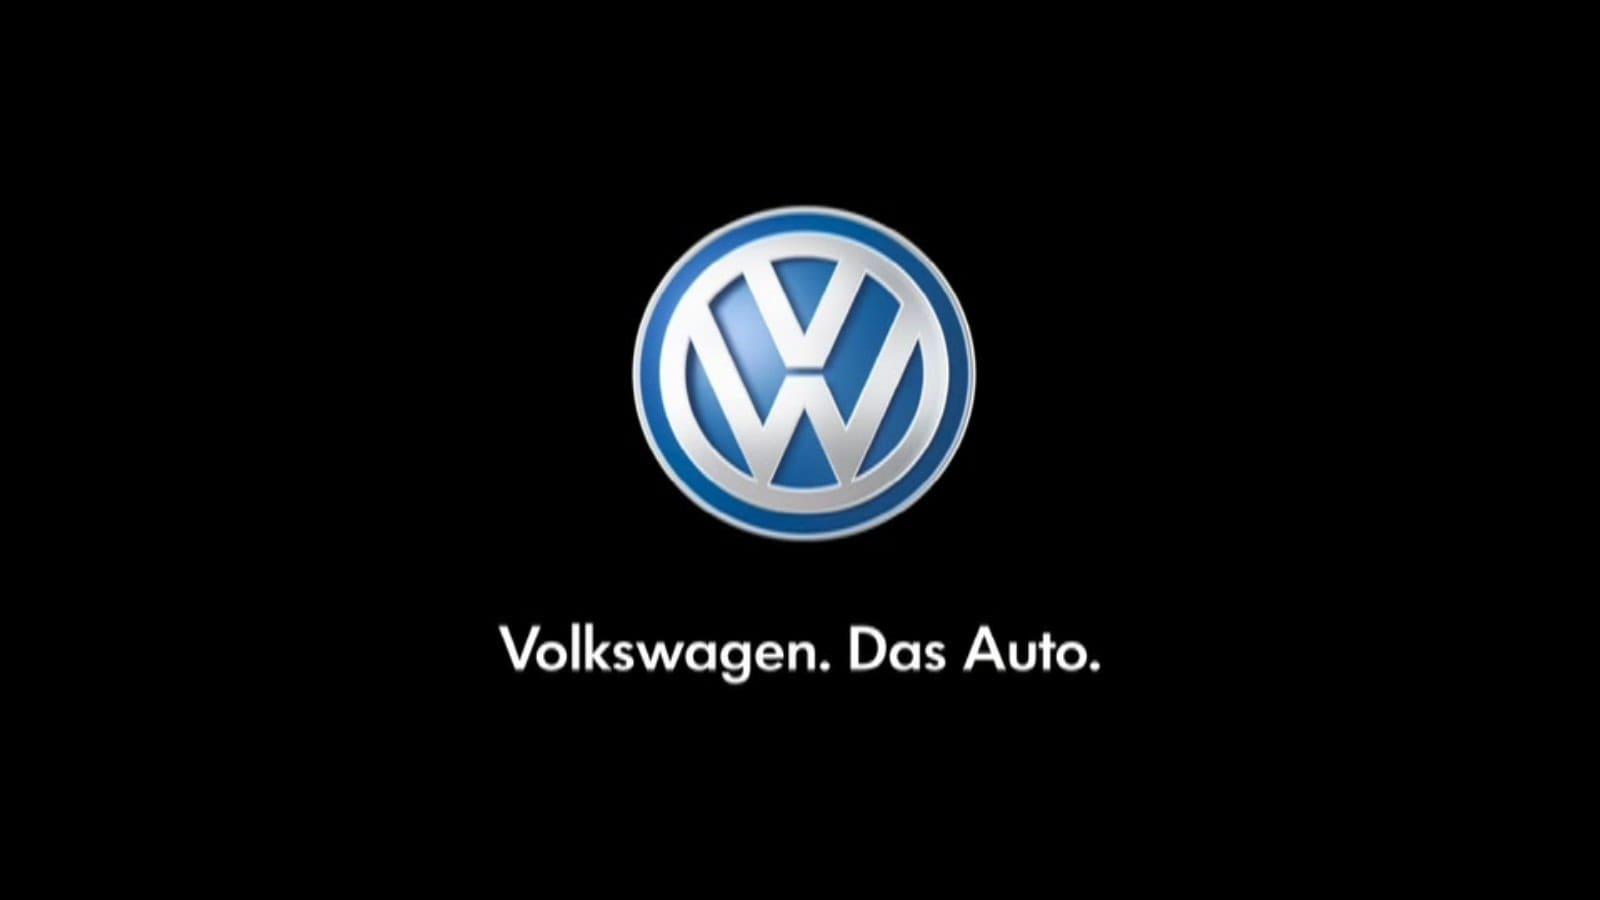 Menyikapi Emission Scandal, Volkswagen Group Akan Menghapuskan Das Auto Slogan Dari Logonya